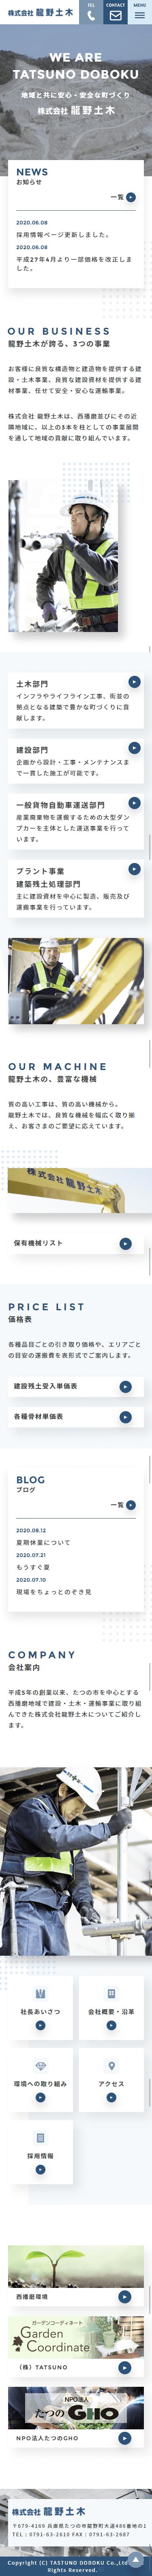 たつの市 株式会社龍野土木 ホームページ制作3